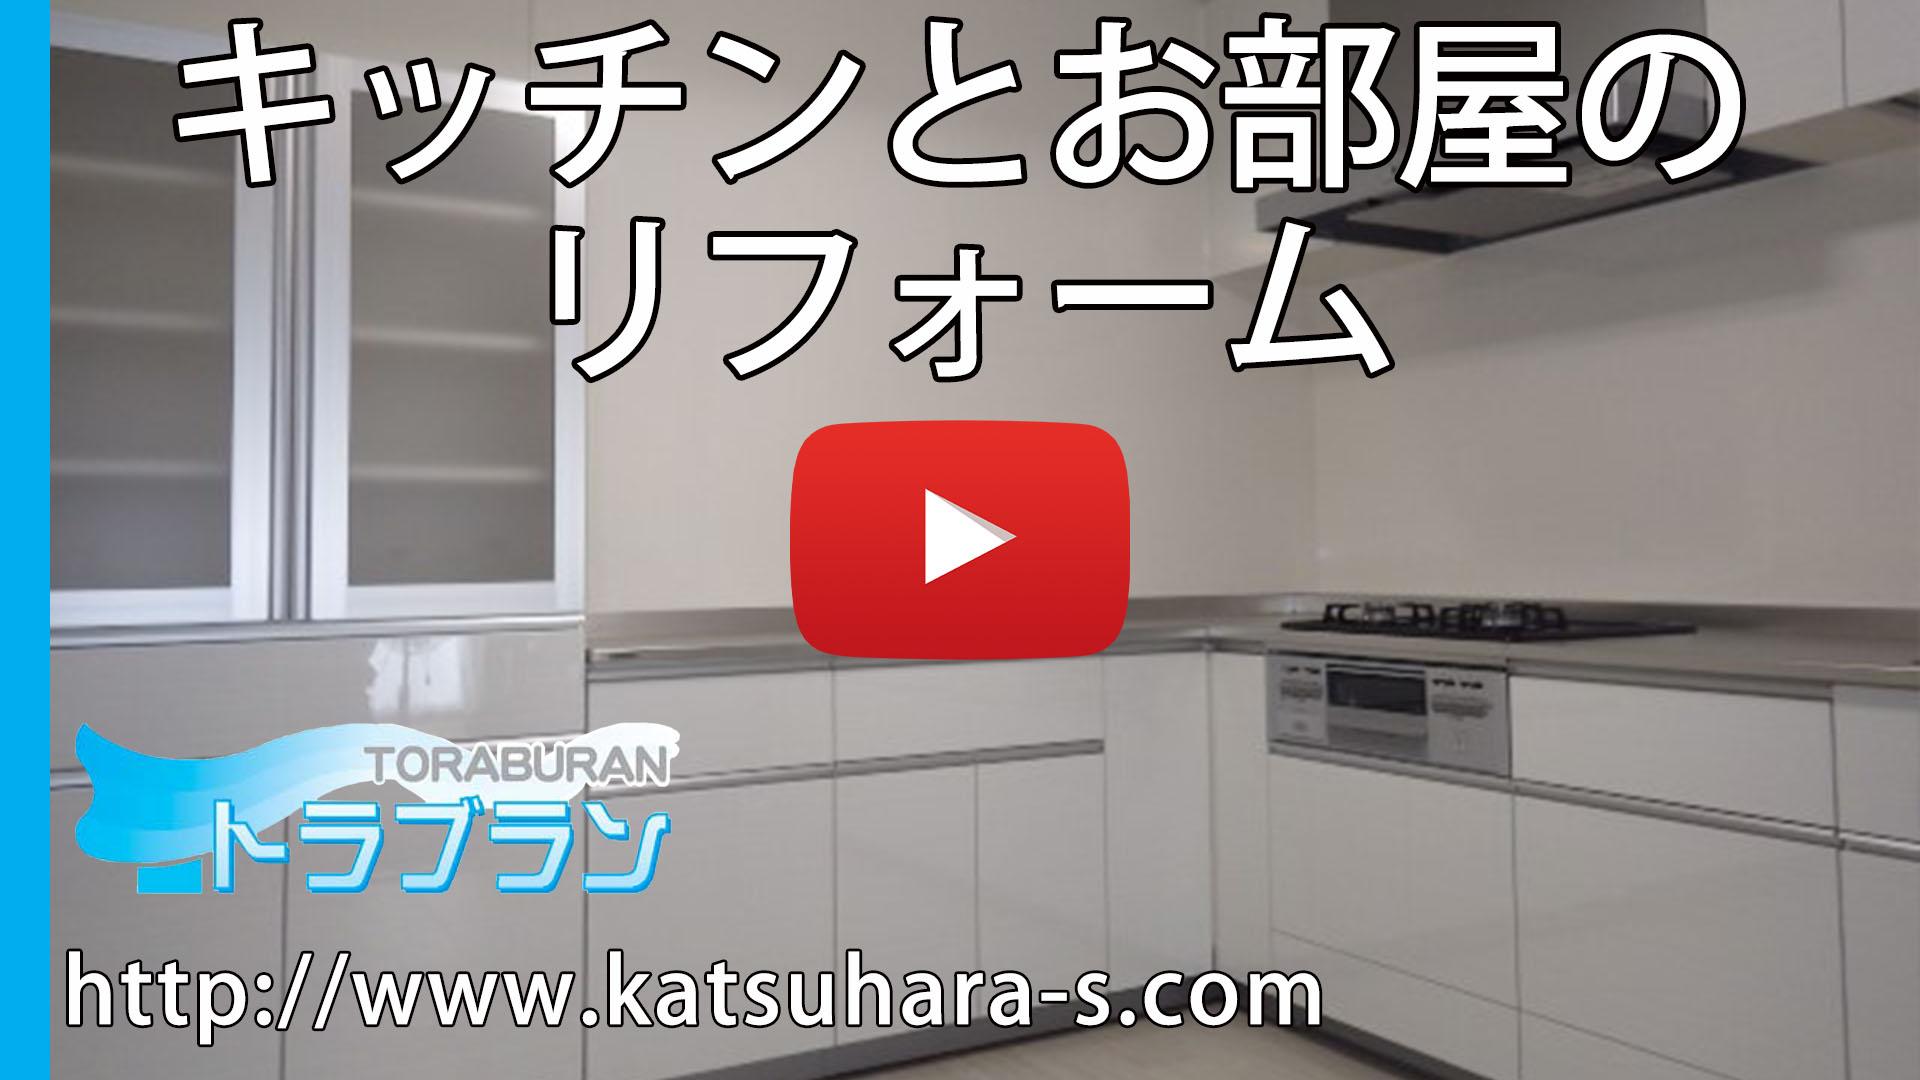 キッチンとお部屋のリフォーム YouTube トラブラン 神戸